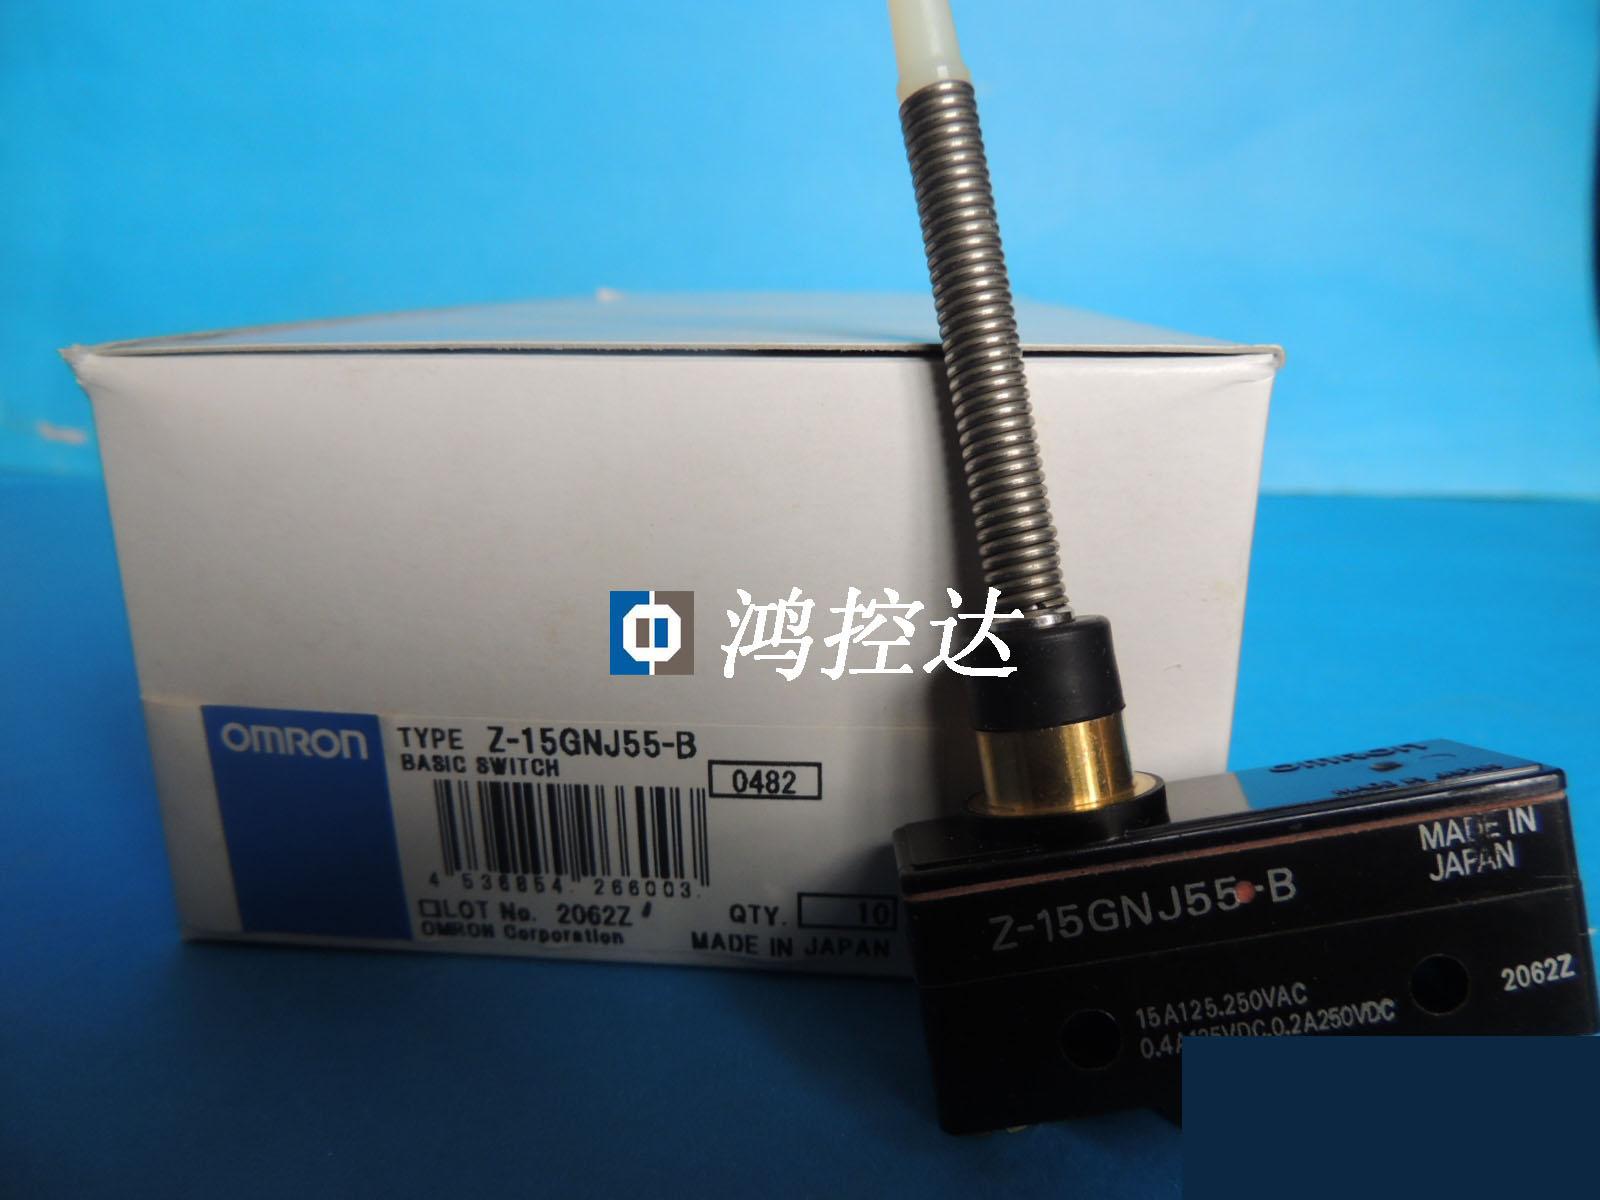 New Microswitch Z-15GNJ55-B